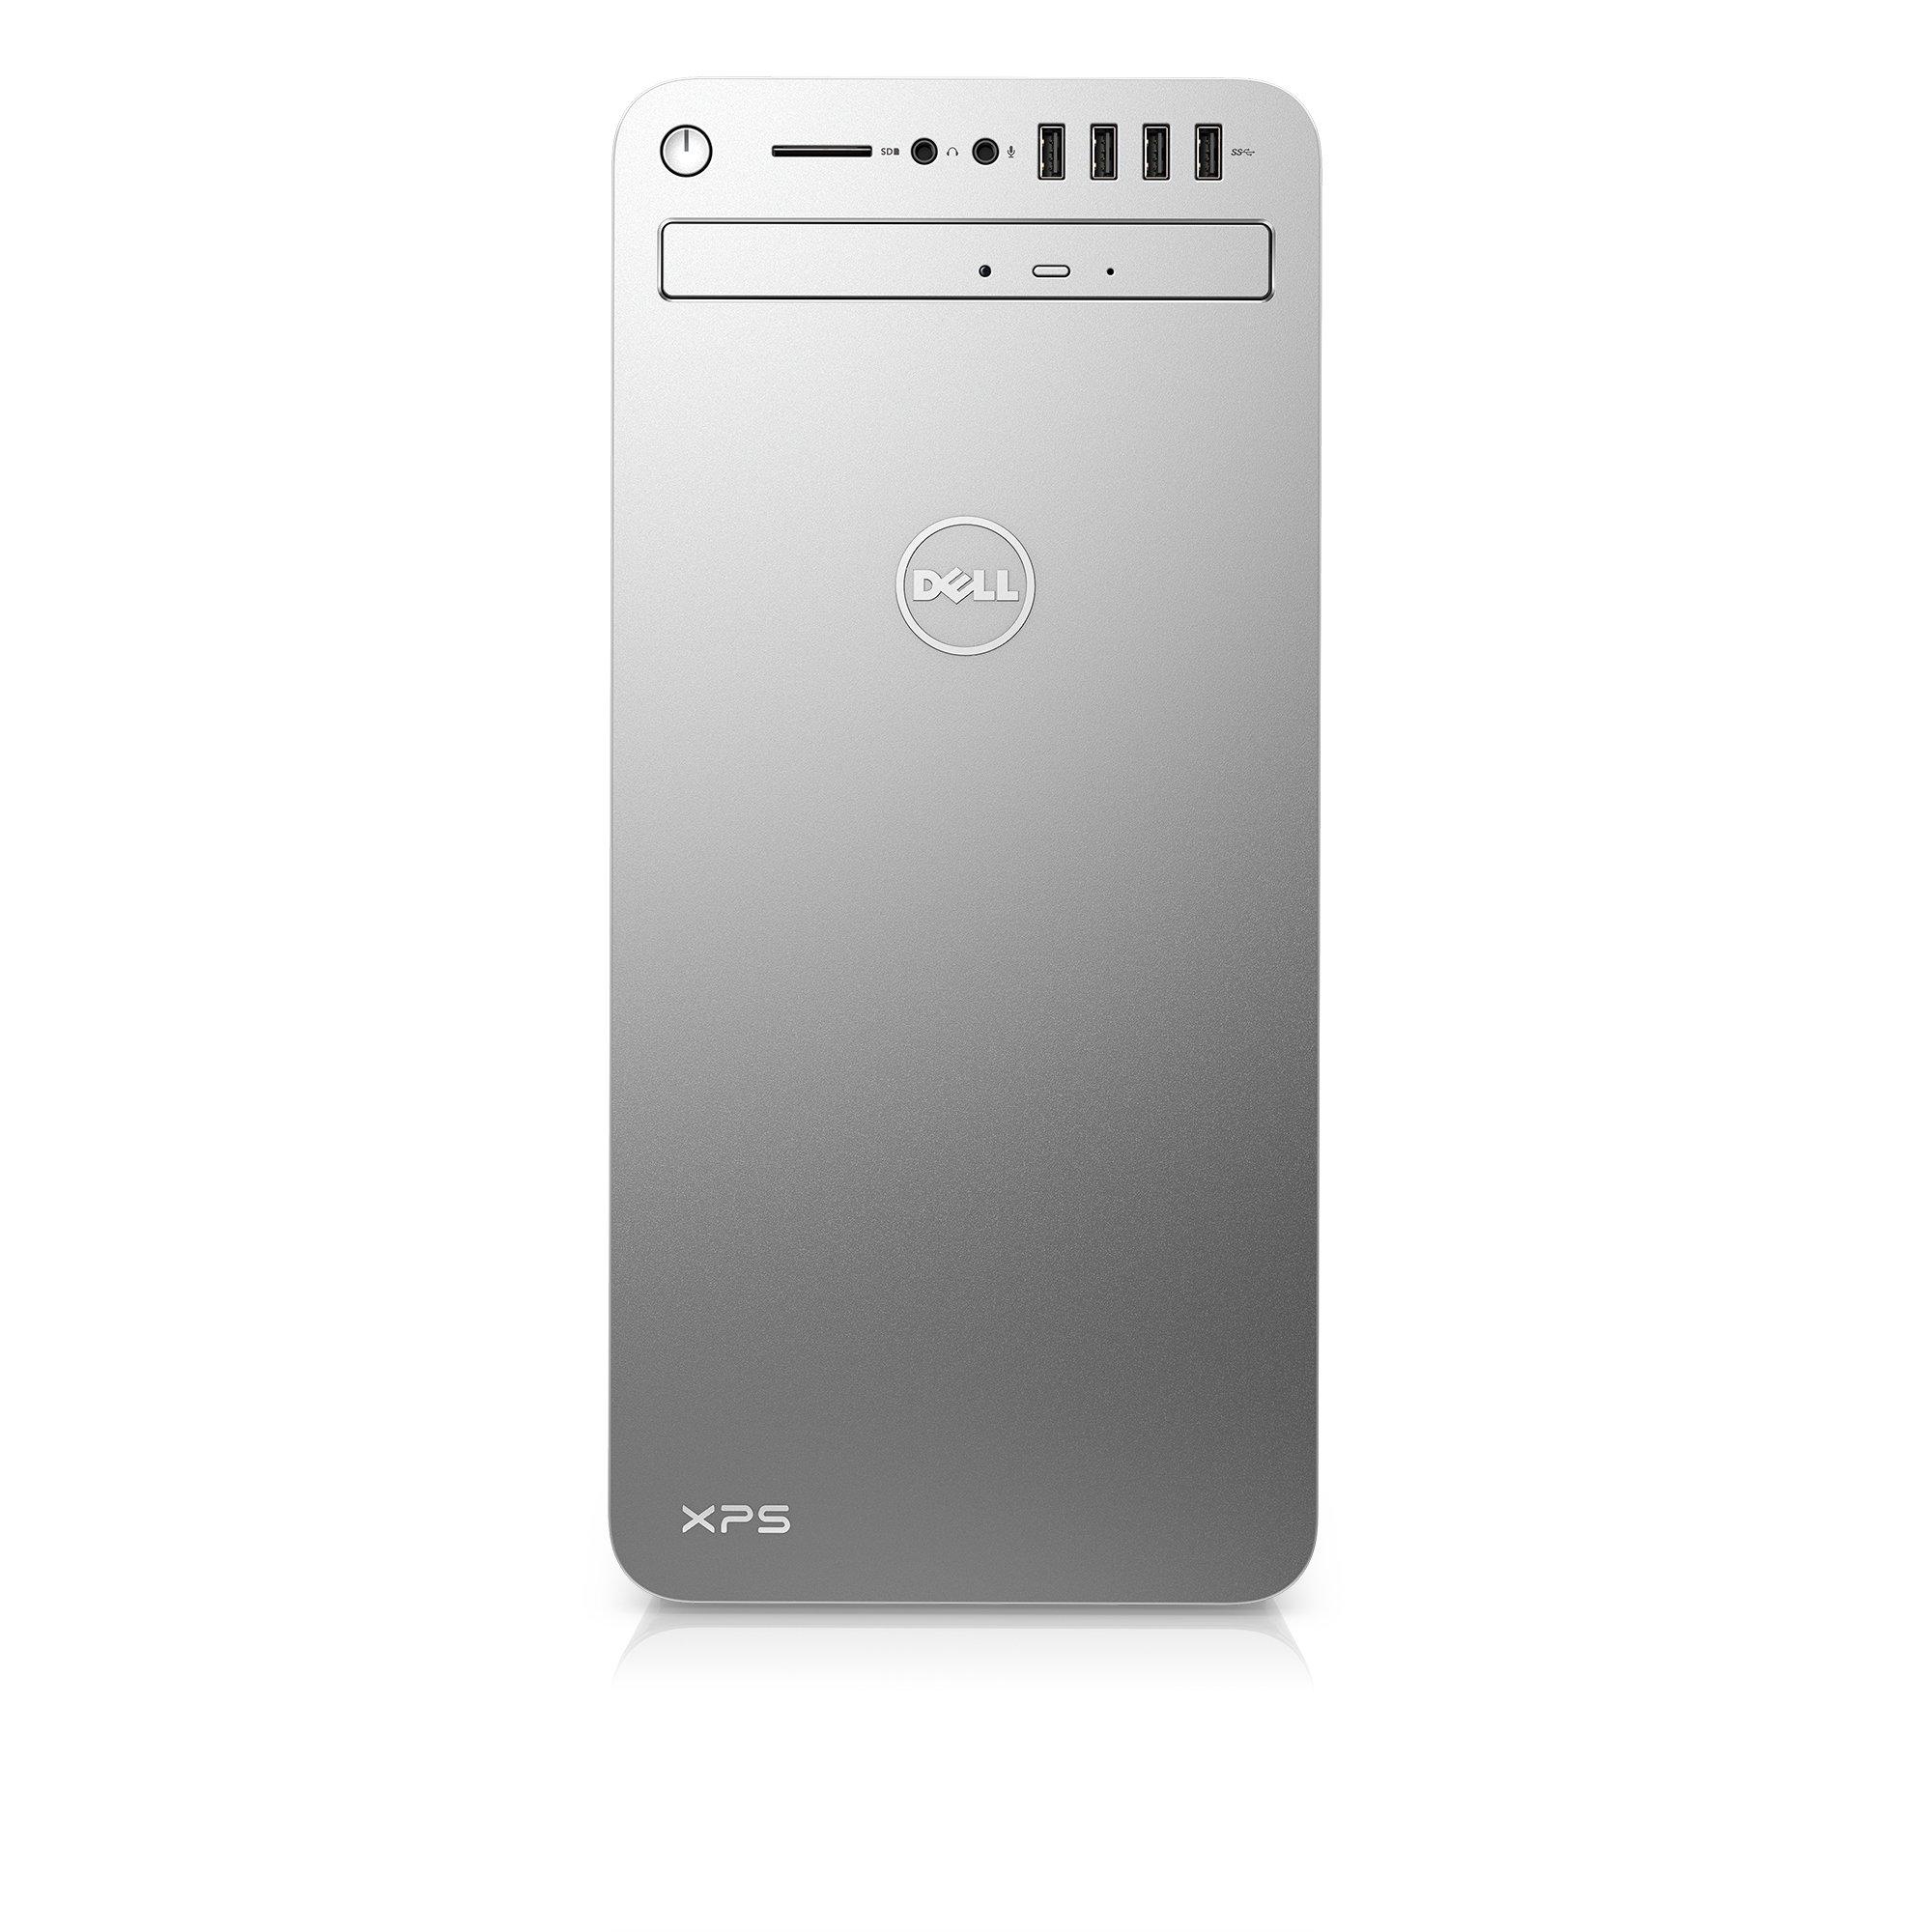 Buy DELL XPS 8910 Gaming Desktop - Intel i5-6400 Quad-Core